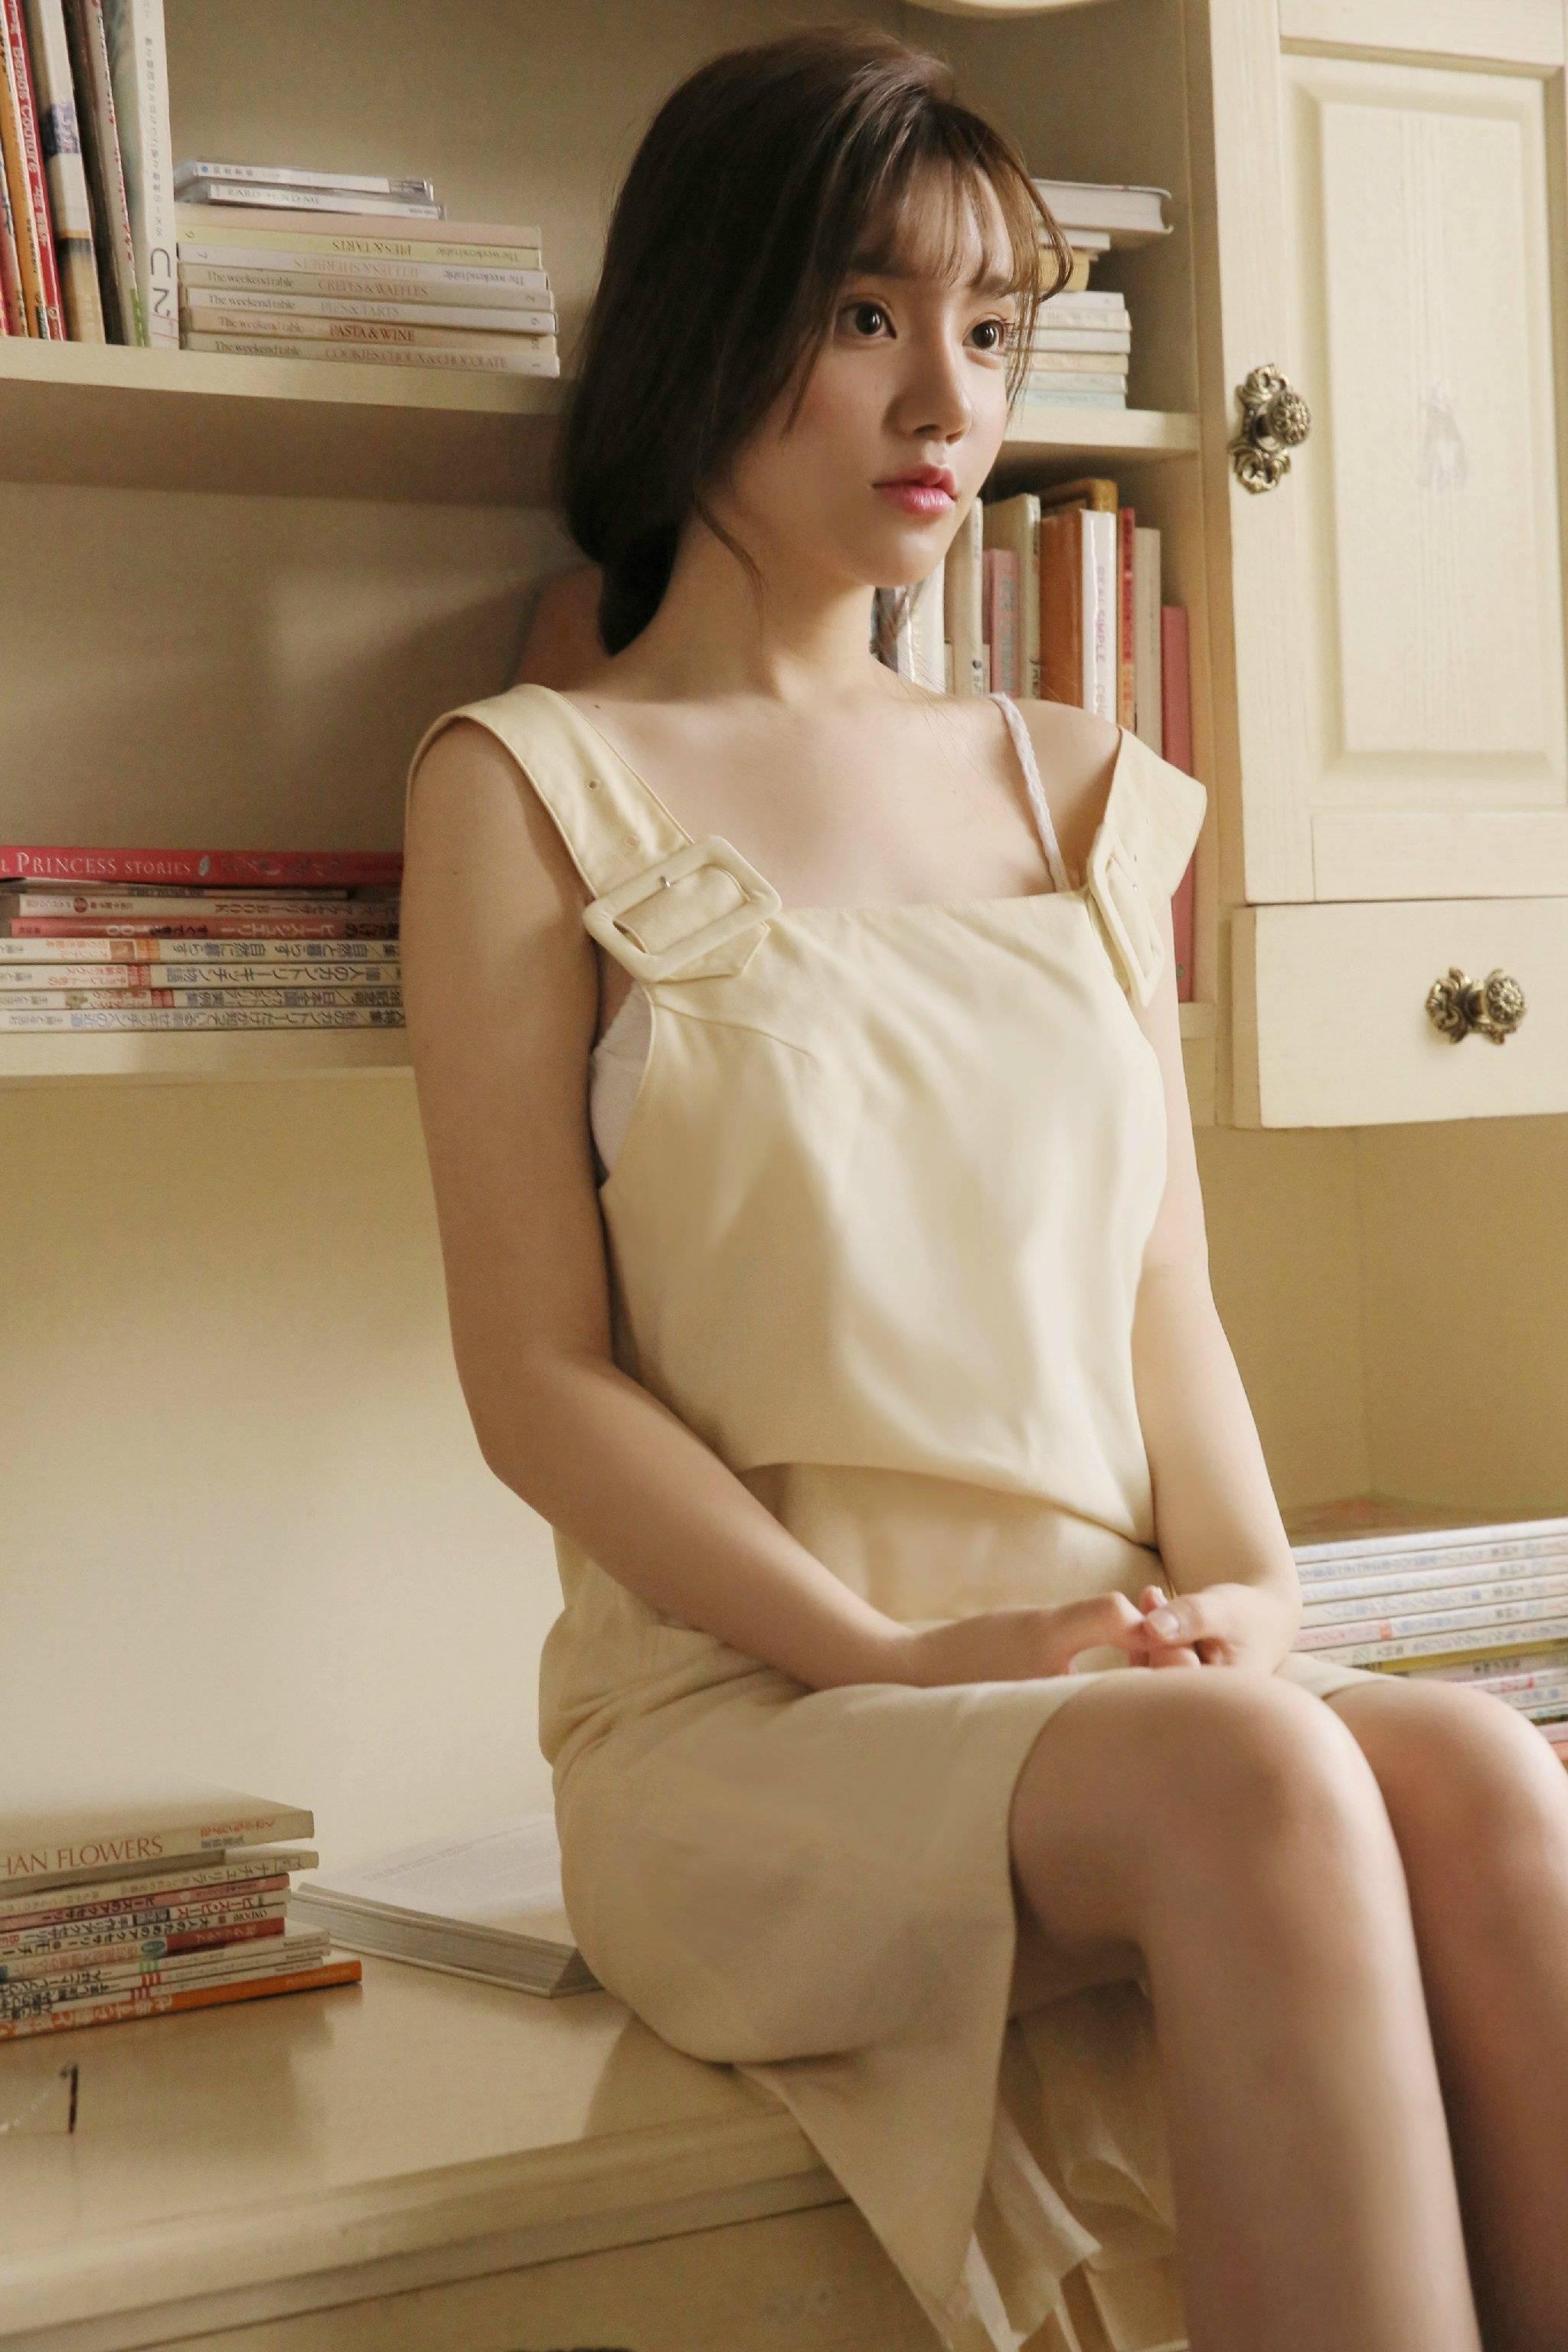 性感长腿美女尤物吊带背心小露香肩图片